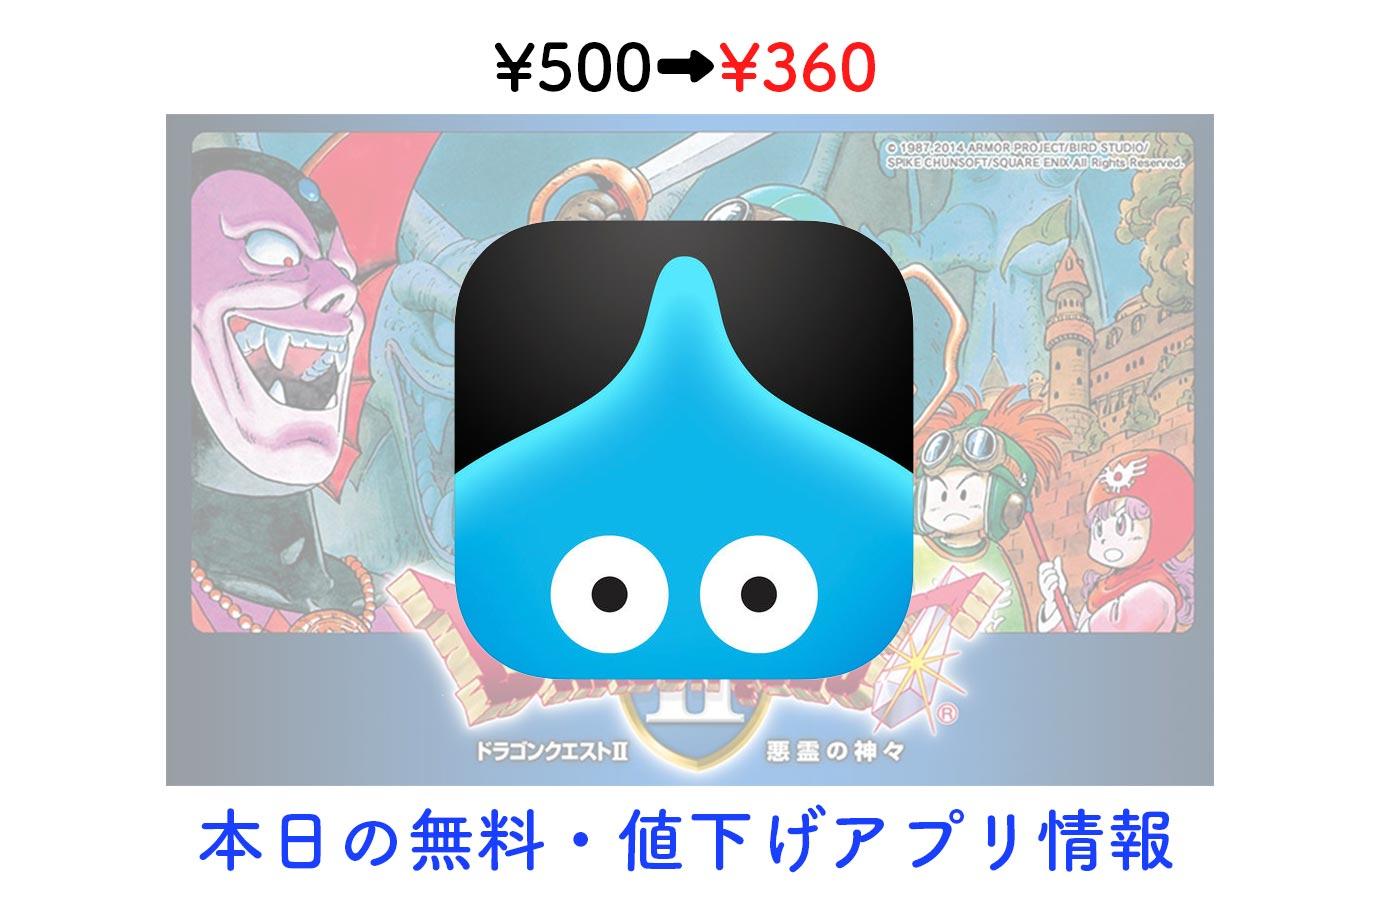 500円→360円、名作RPG「ドラゴンクエストII 悪霊の神々」など【4/6】セールアプリ情報